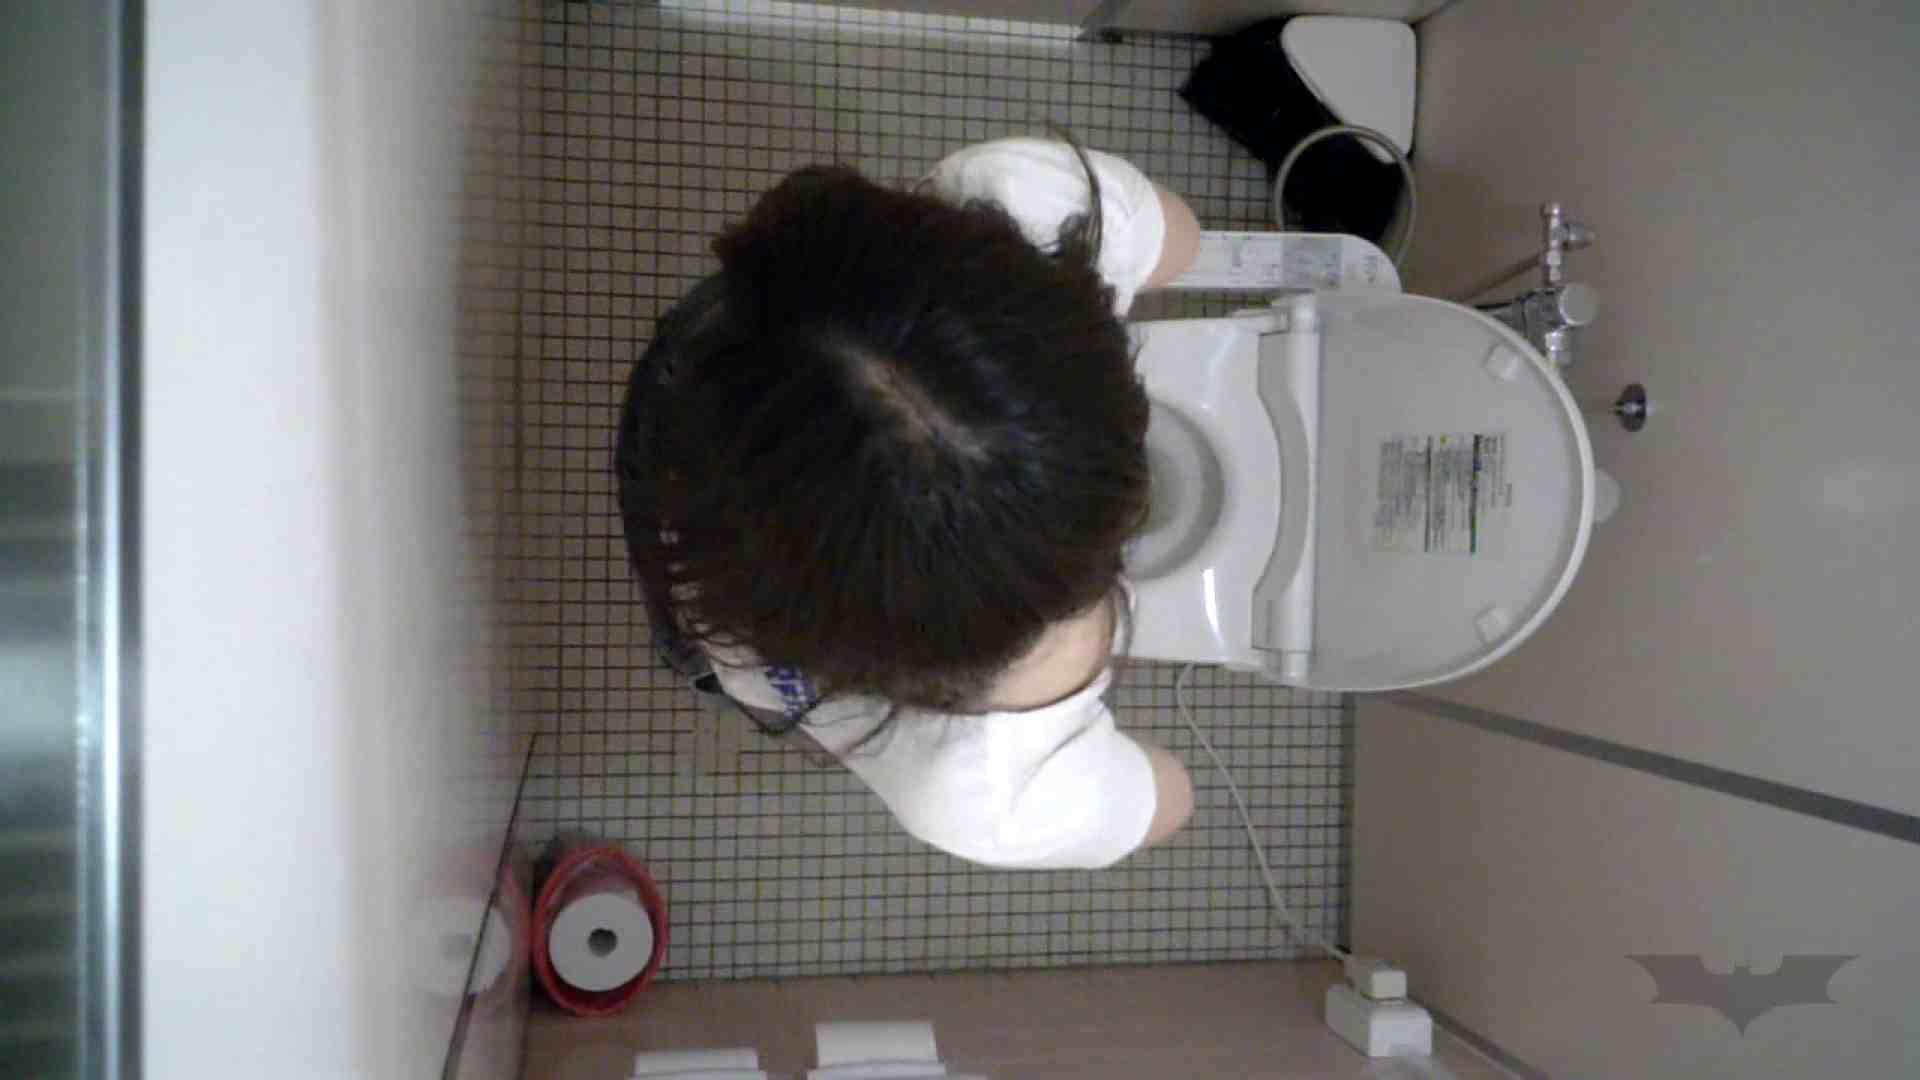 有名大学女性洗面所 vol.41 素敵なオシリとお顔がいっぱい。抜き過ぎ注意報! 洗面所 AV無料 74画像 49